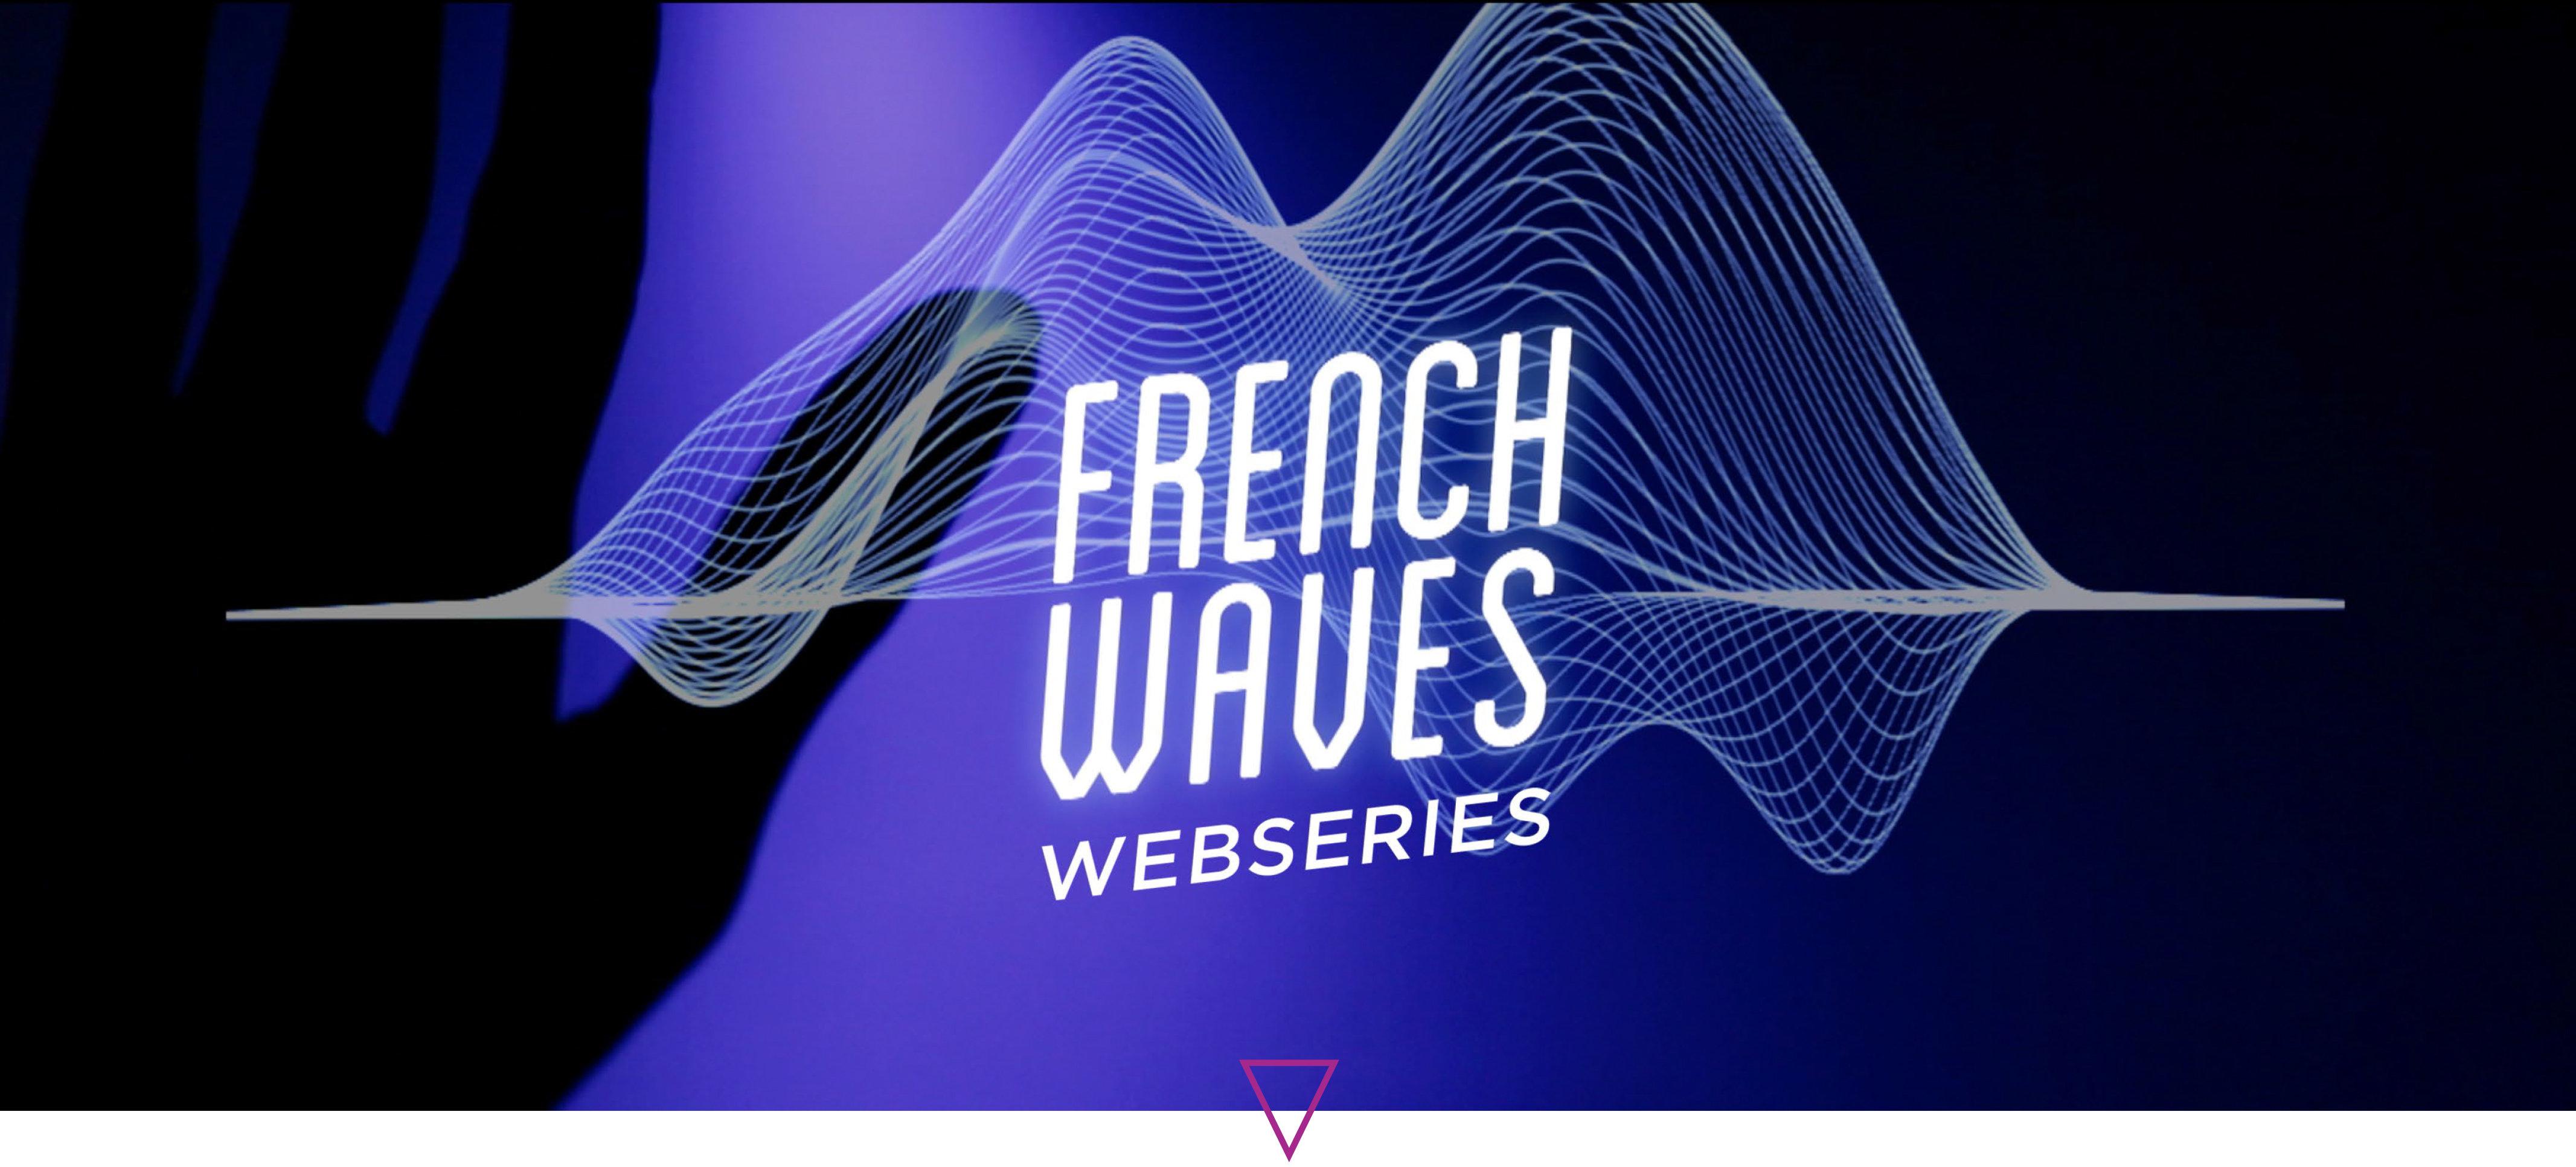 Musique: La Websérie avec Rone est lancée